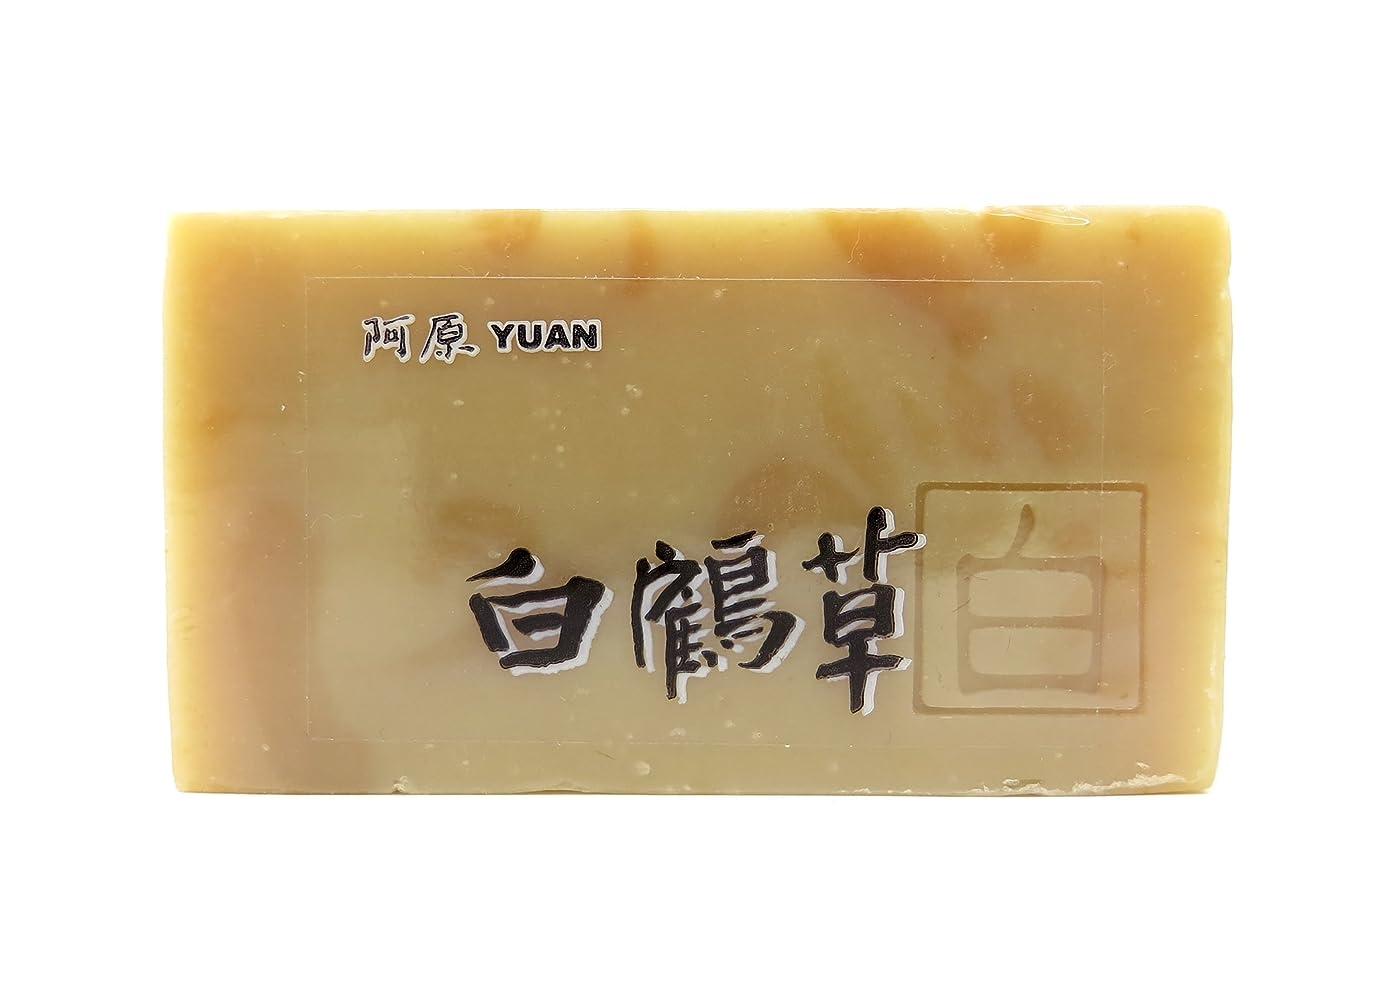 周囲キャプテンブライギャラントリーYUAN SOAP ユアンソープ ハッカクレイシ(白鶴草) 100g (阿原 石けん 台湾コスメ)